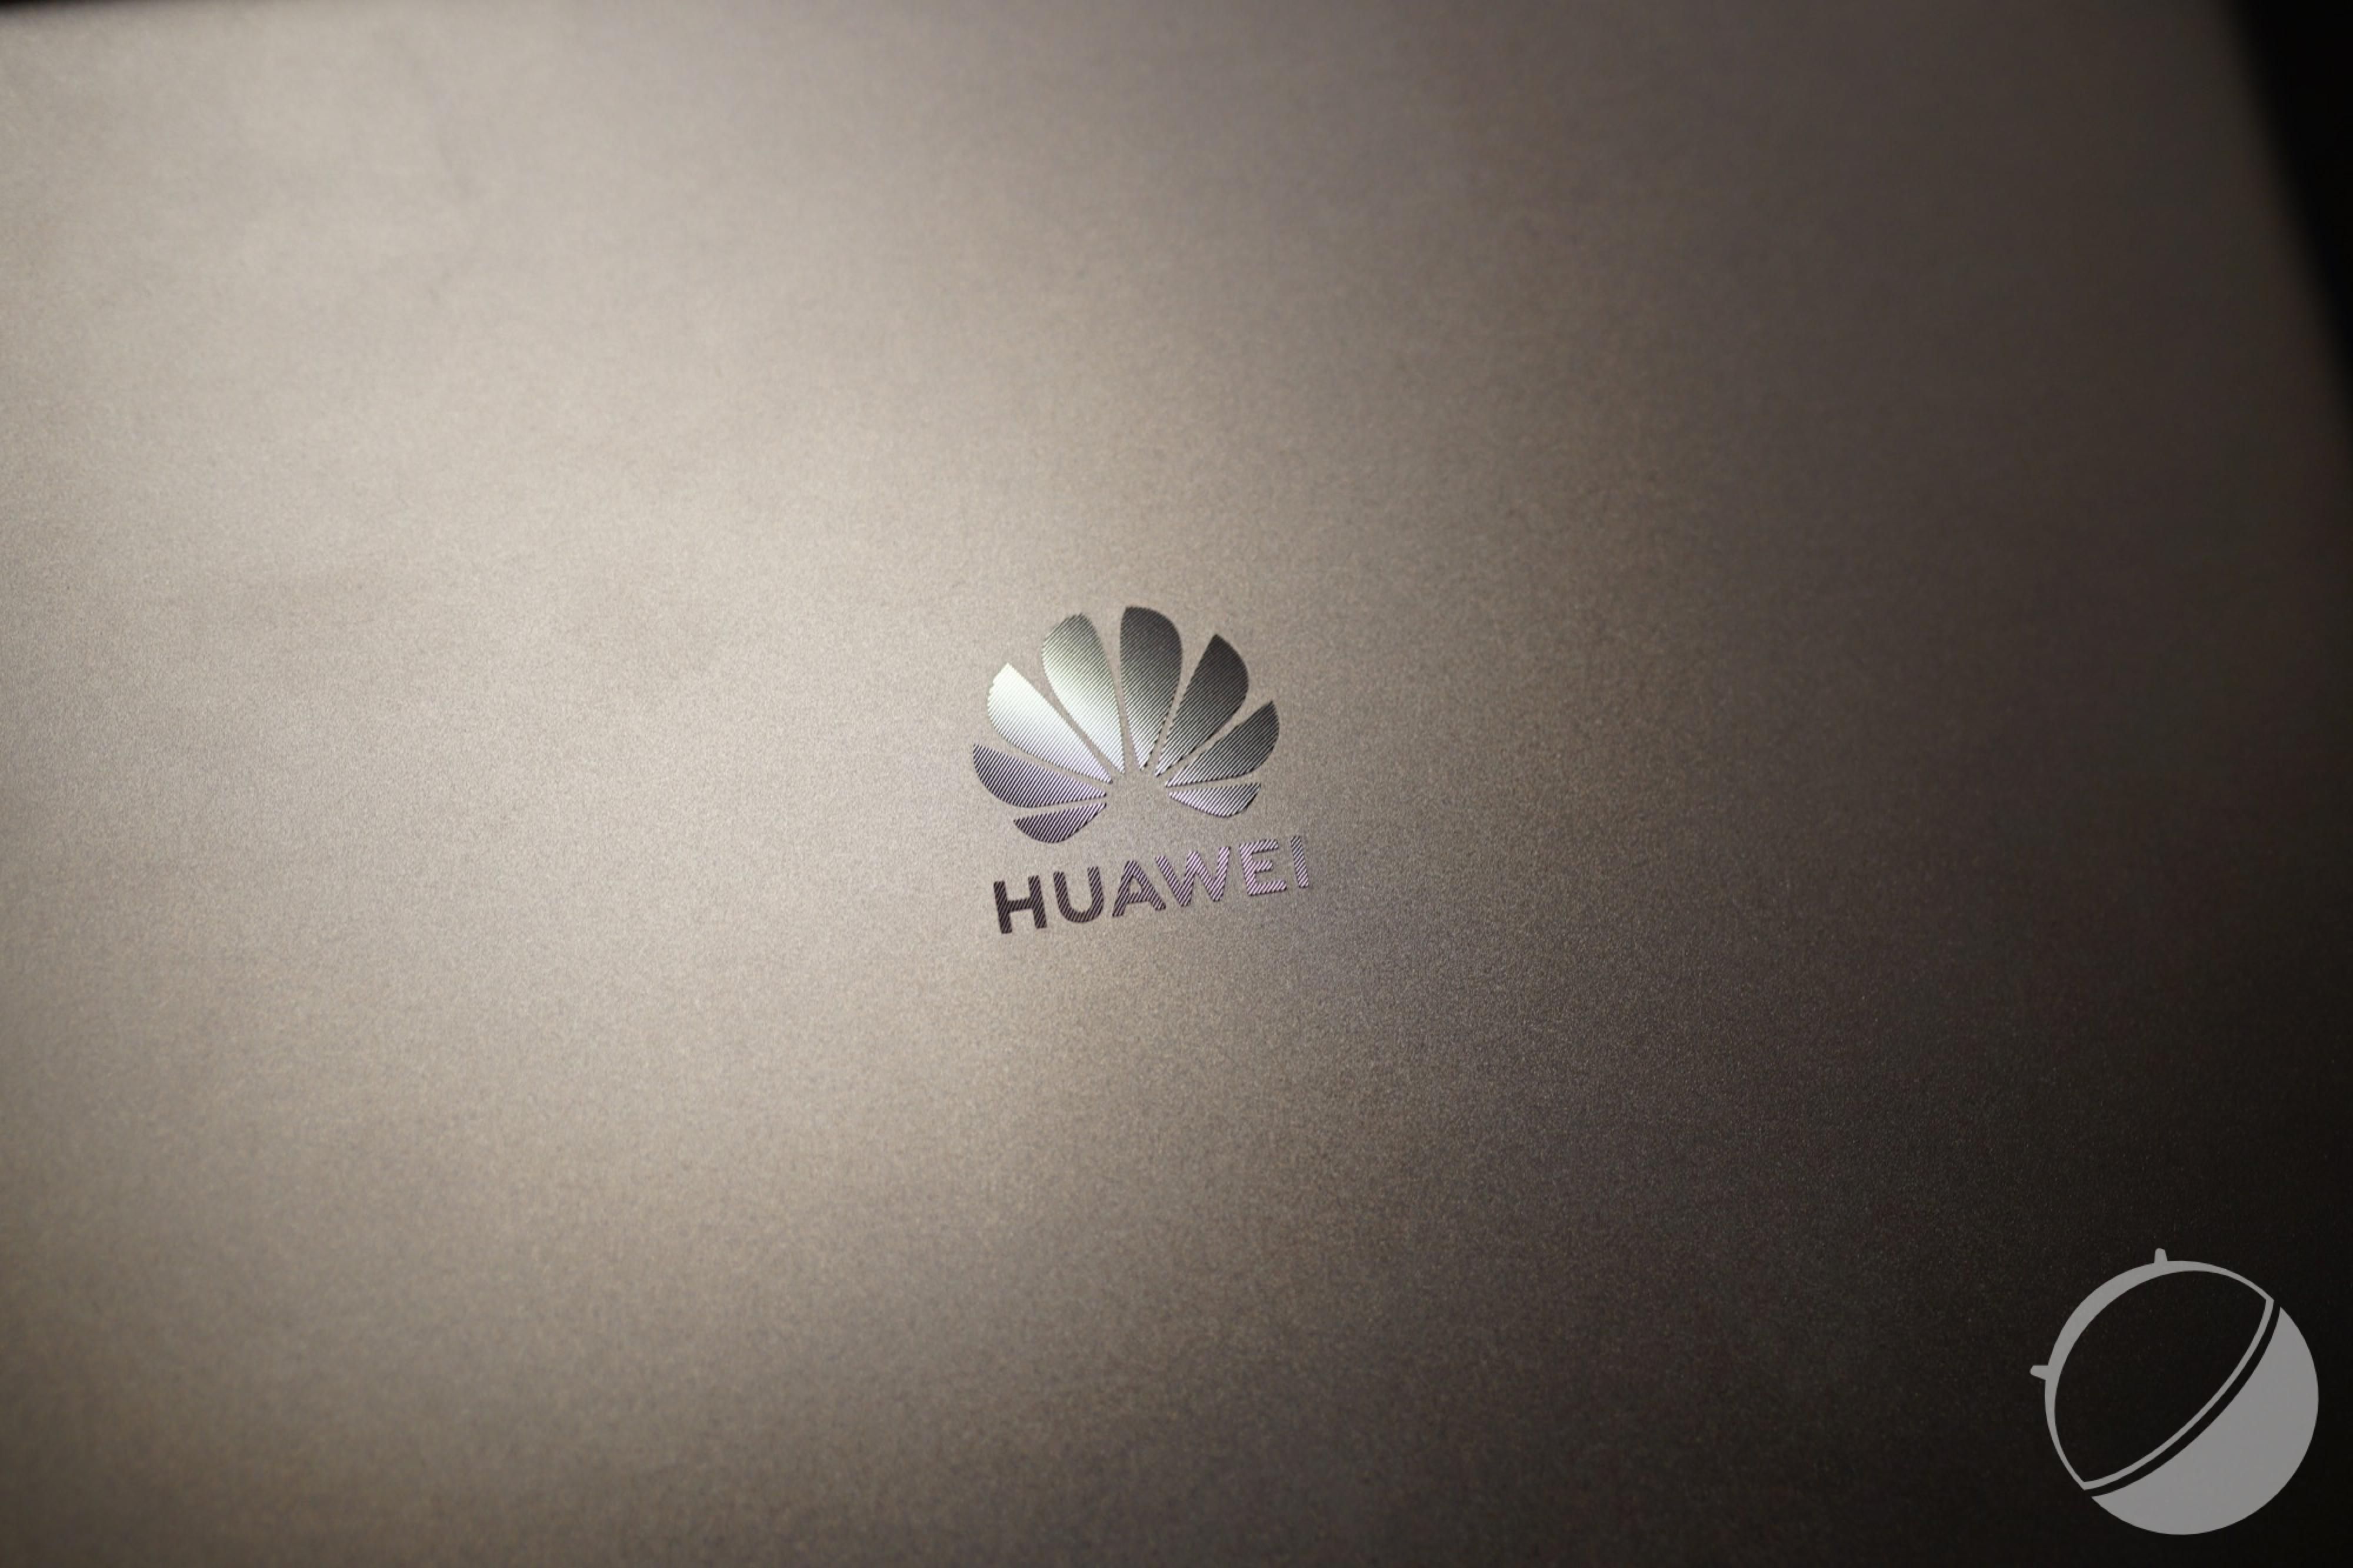 Prise en main du Huawei Matebook 13, comme un Air - FrAndroid